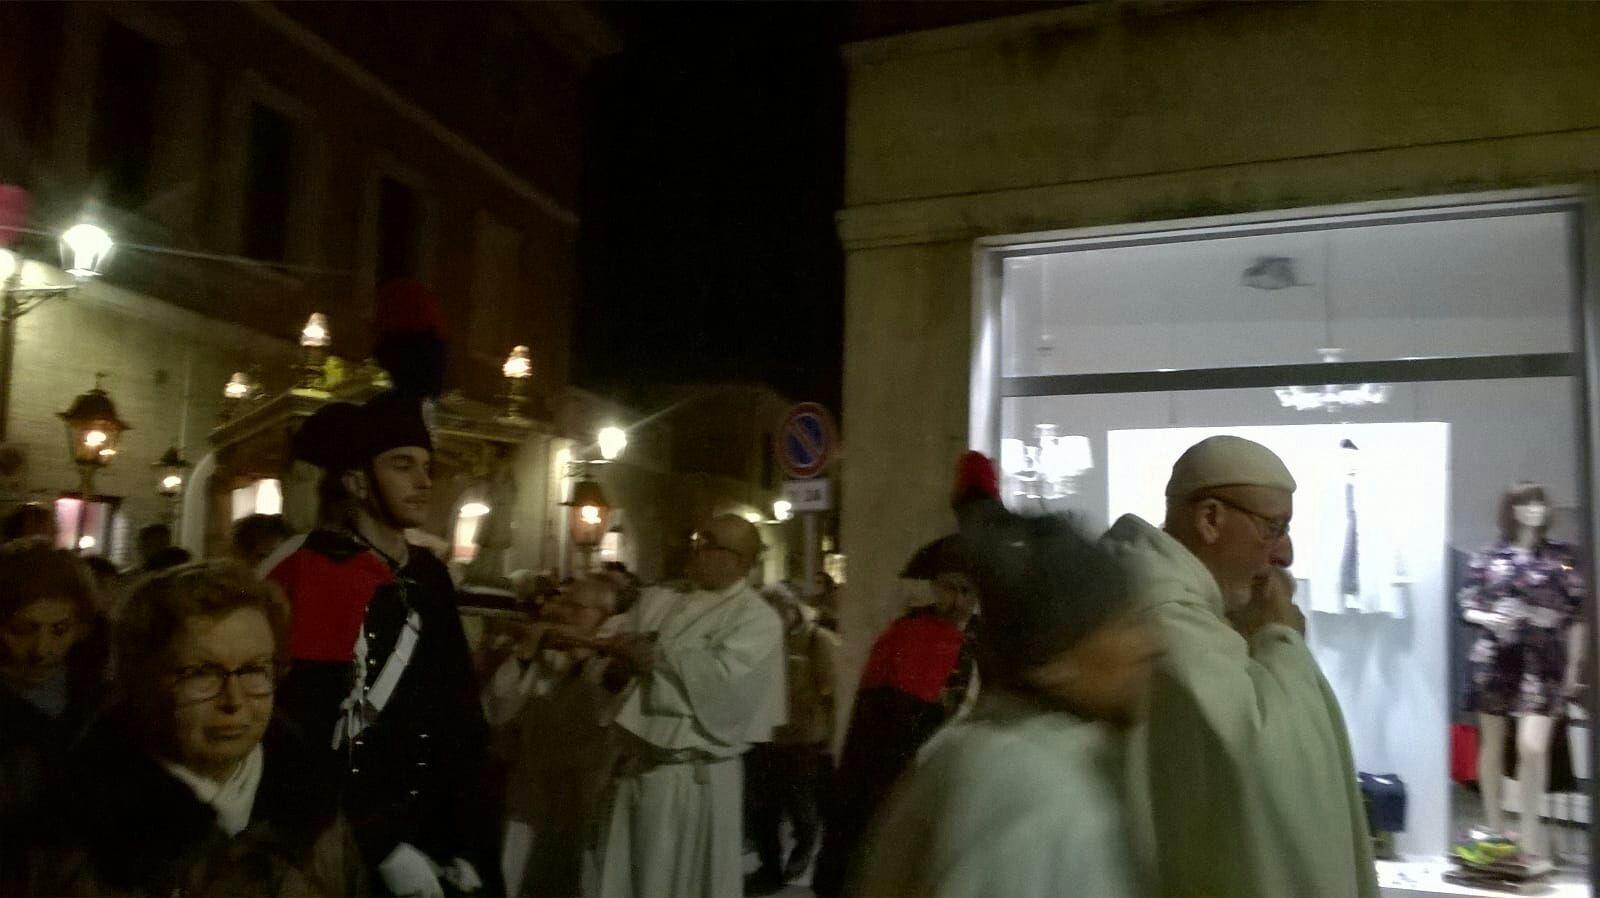 Senigallia - Via Crucis 2018 - Templari Cattolici foto 2